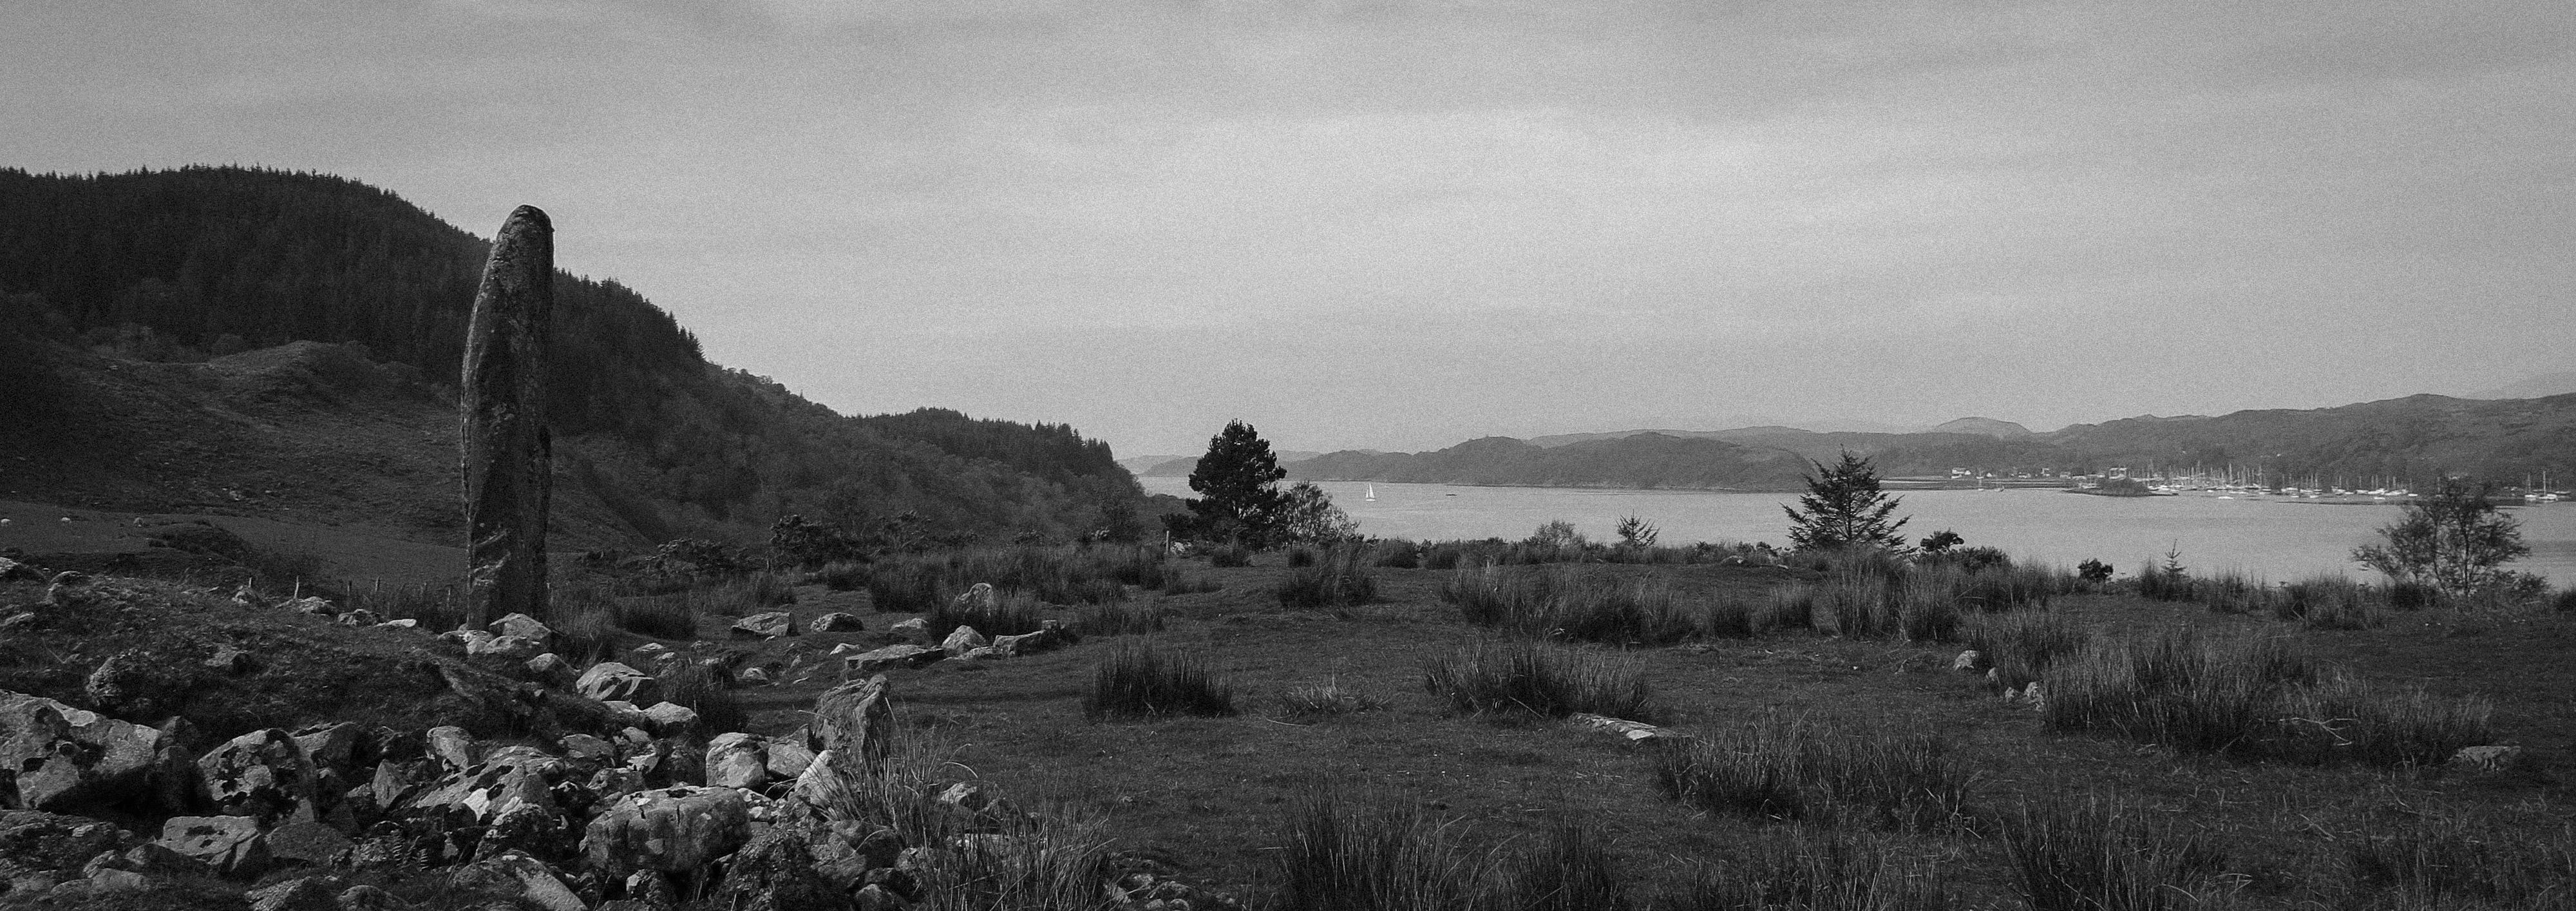 Kintraw Standing Stone West Coast of Scotland